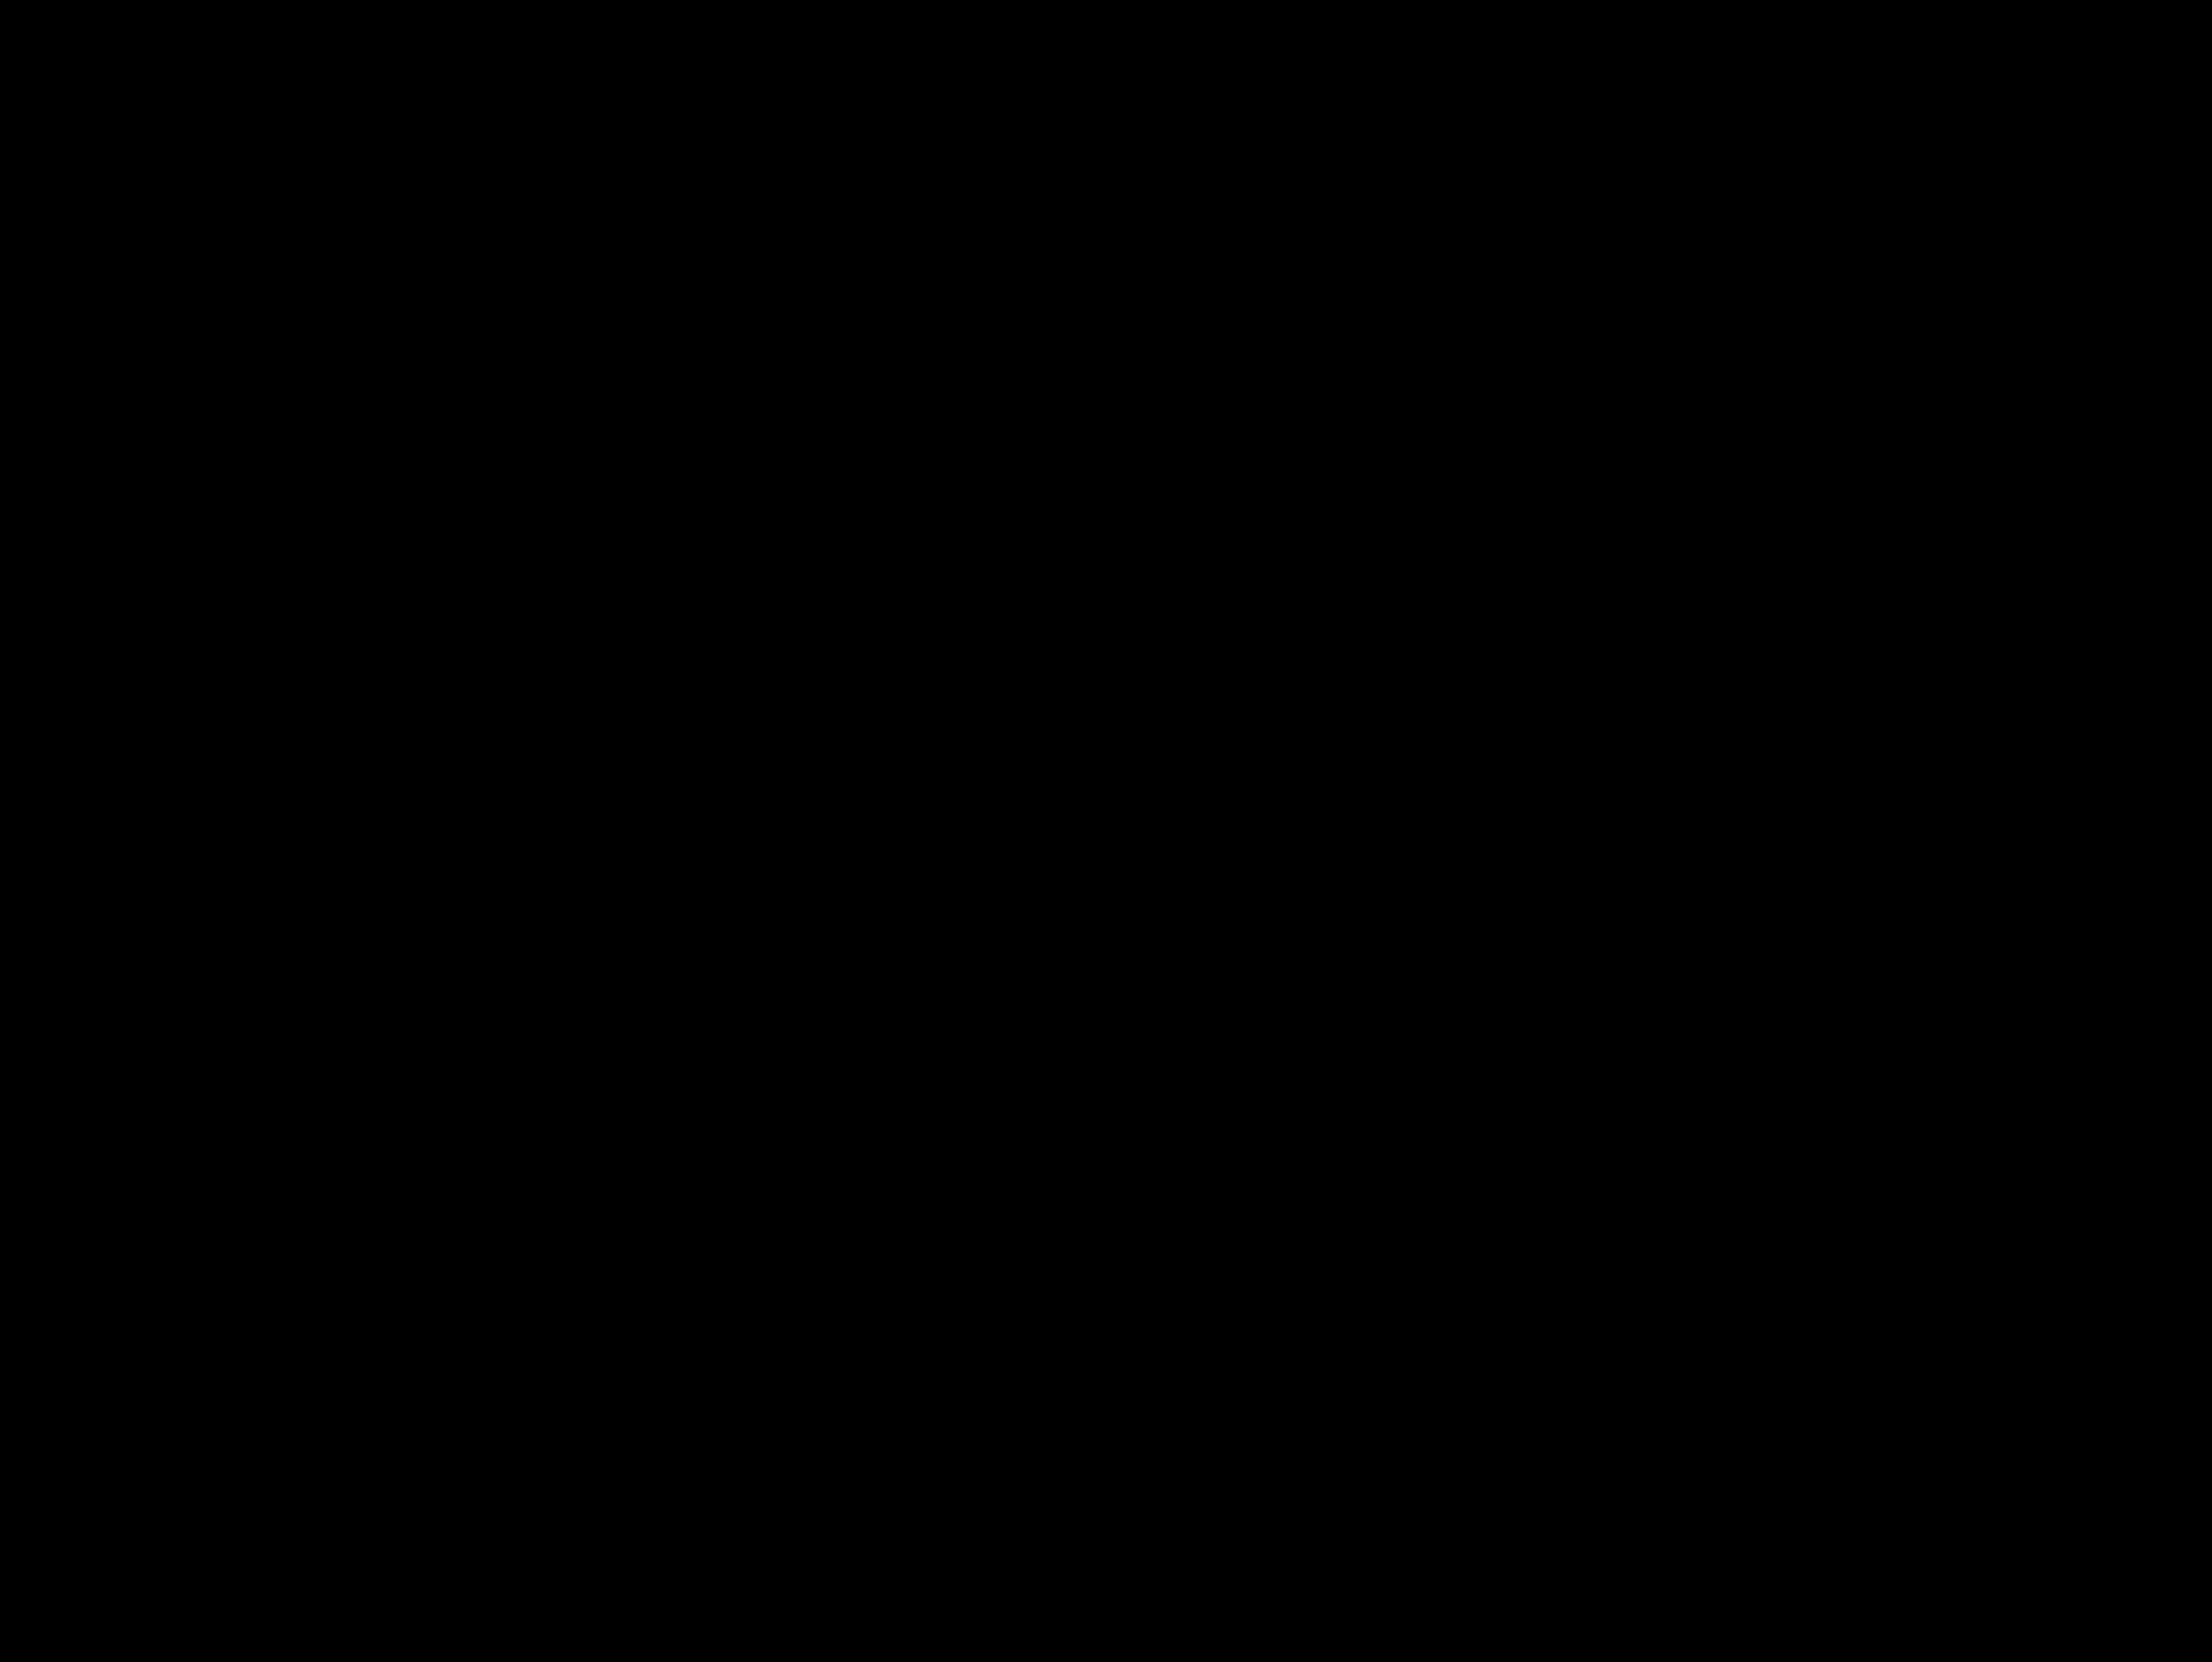 Medical fetish photo